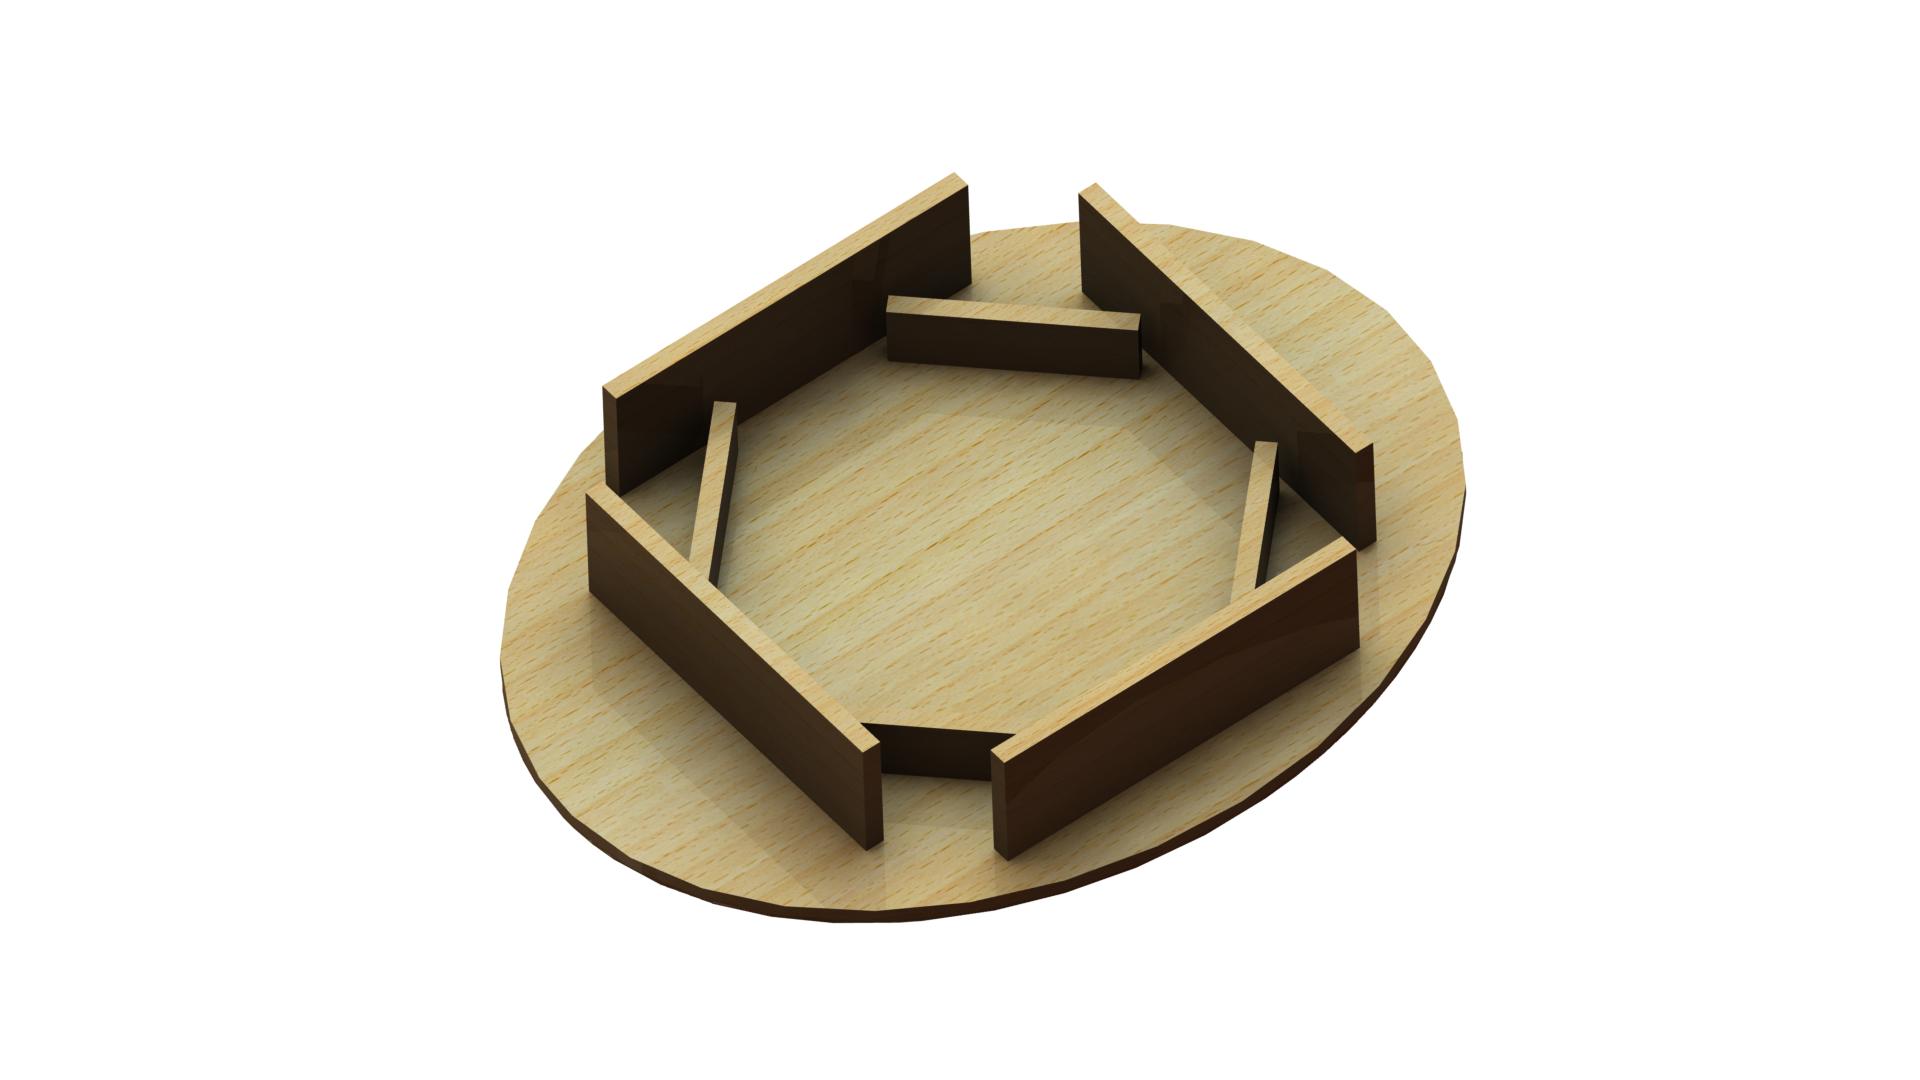 Tischplatte für Sitzwürfel